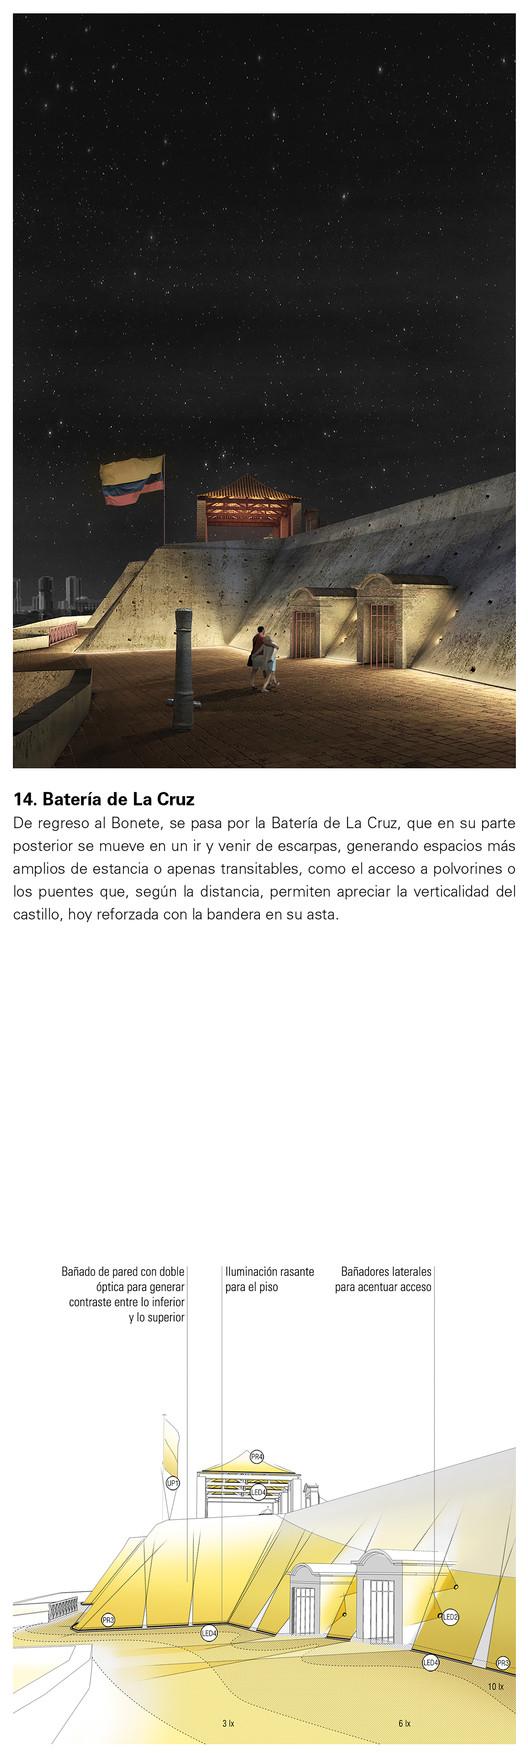 Batería de la Cruz. Image Cortesía de Consorcio Arquitectura y Espacio Urbano + Lightcube